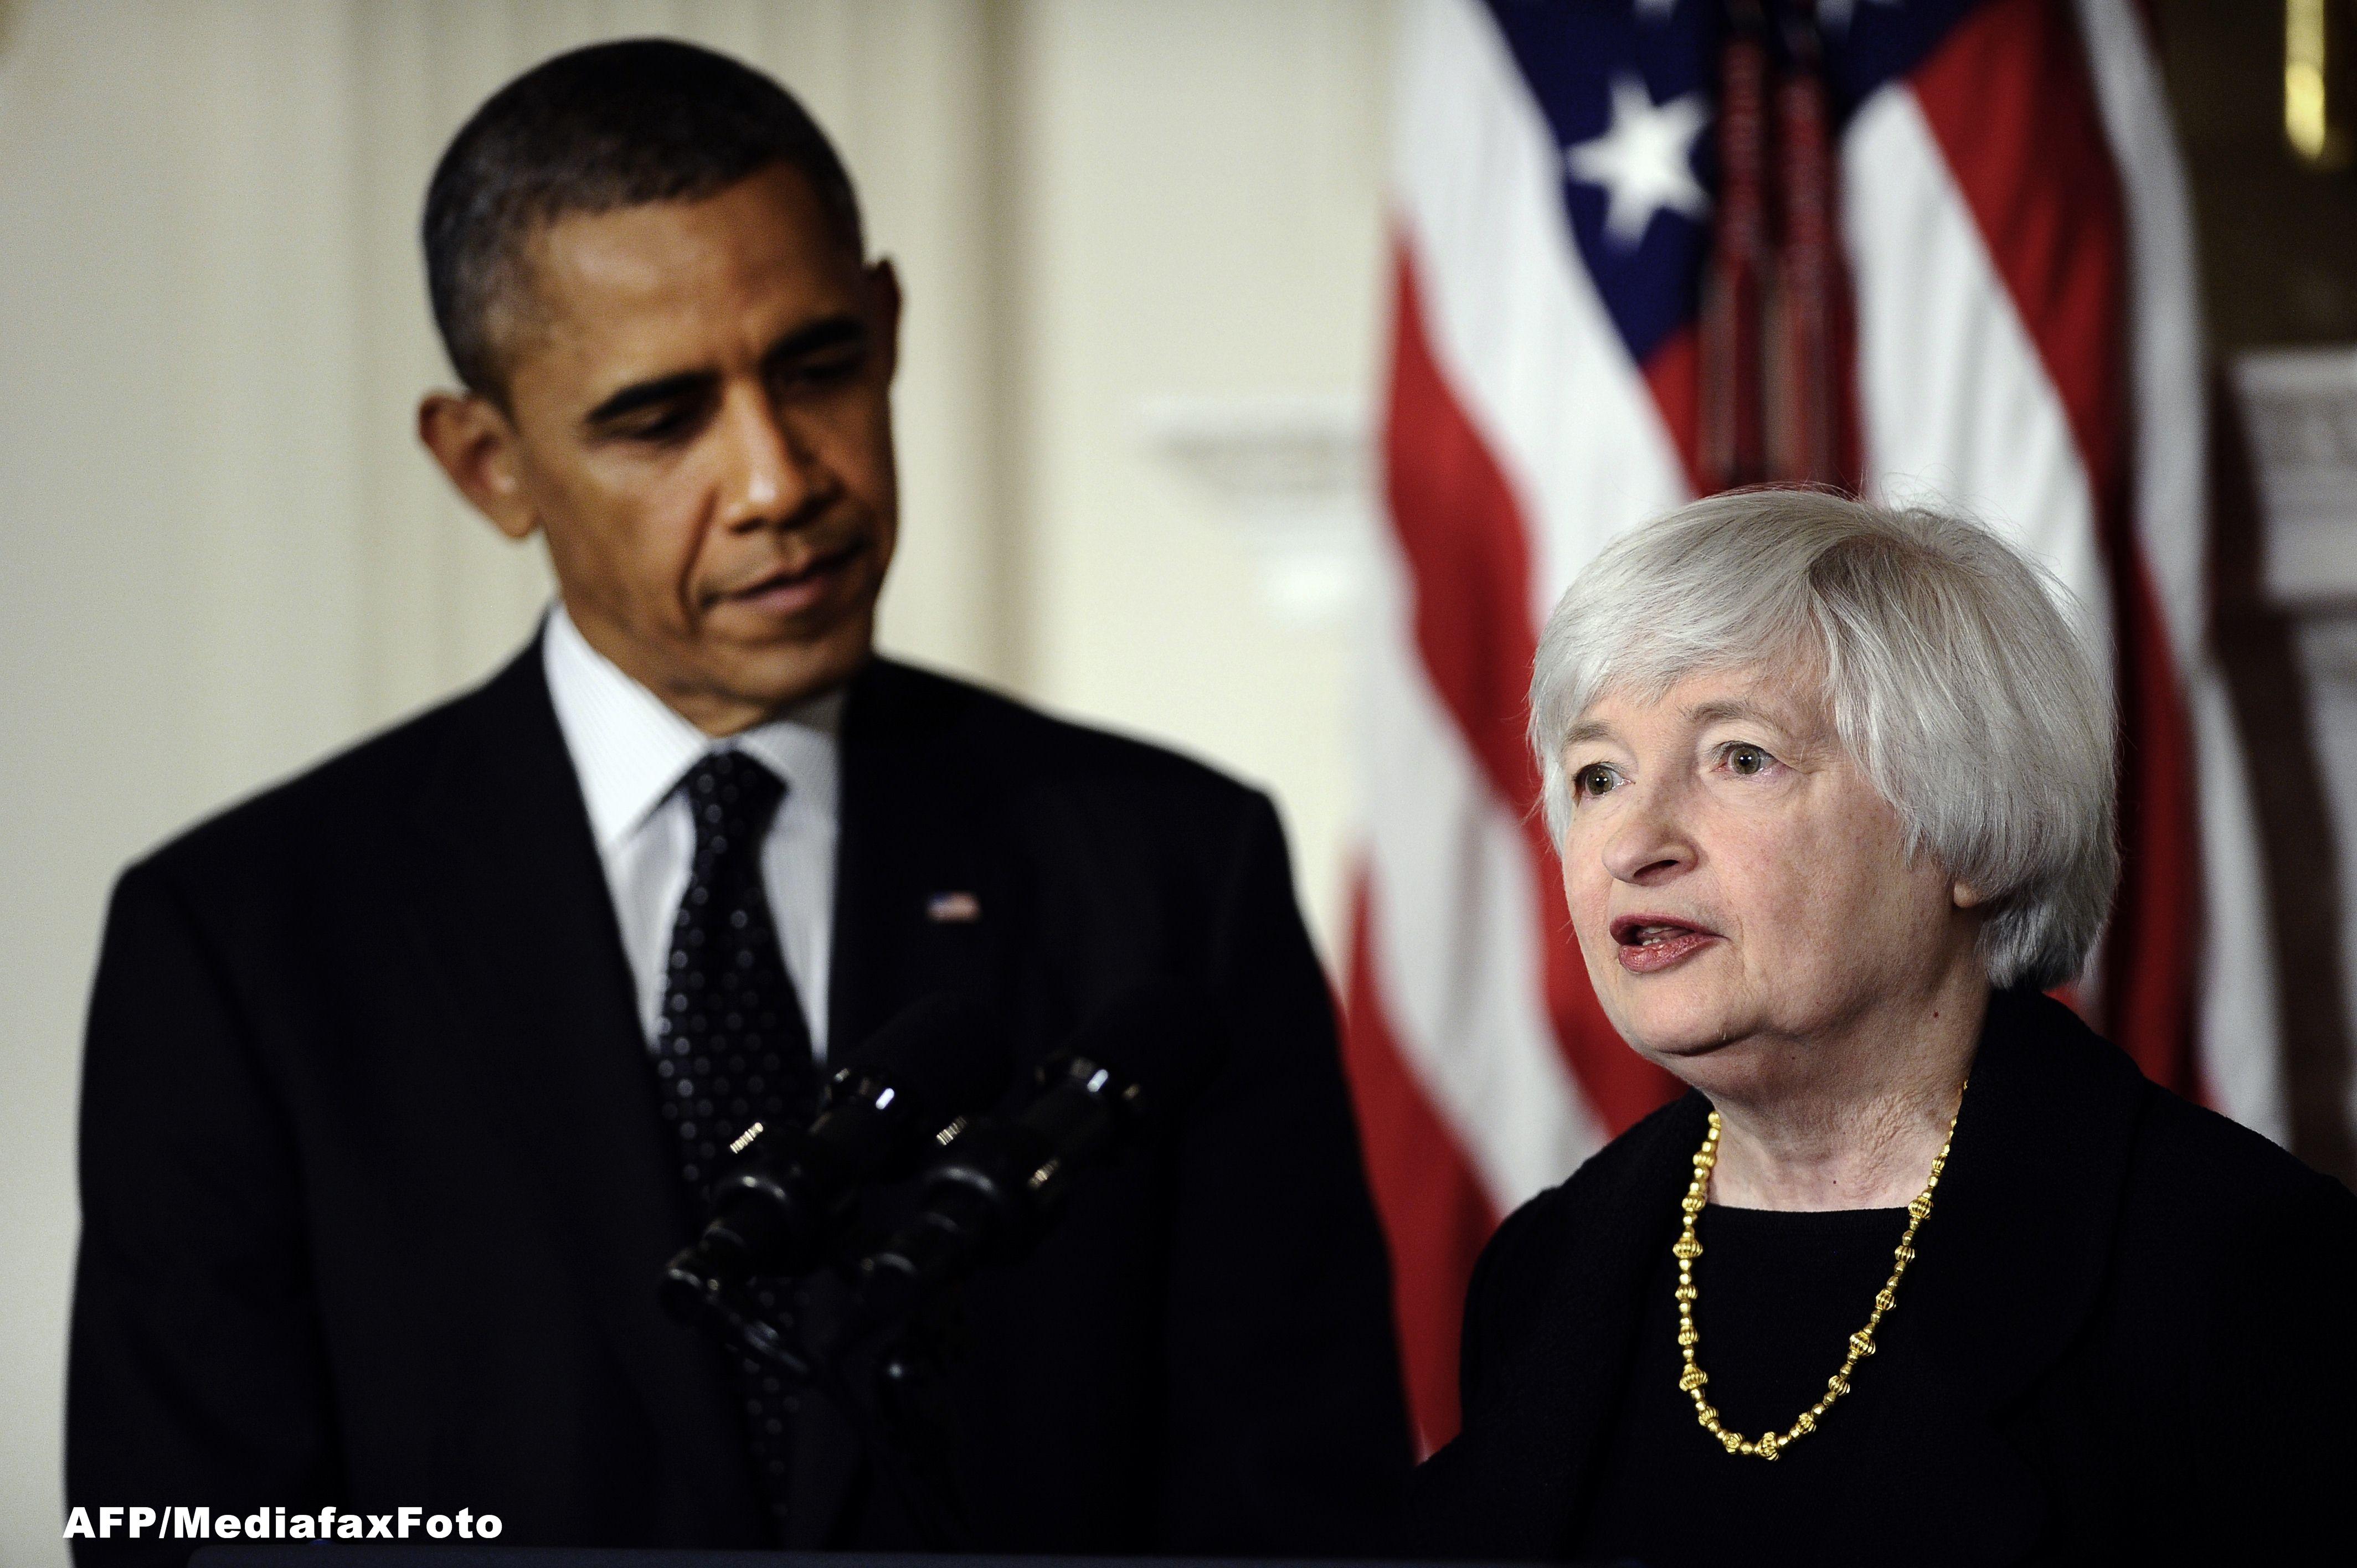 Analiza Reuters. Janet Yellen, presedintele Fed, devine cea mai puternica femeie din istoria SUA